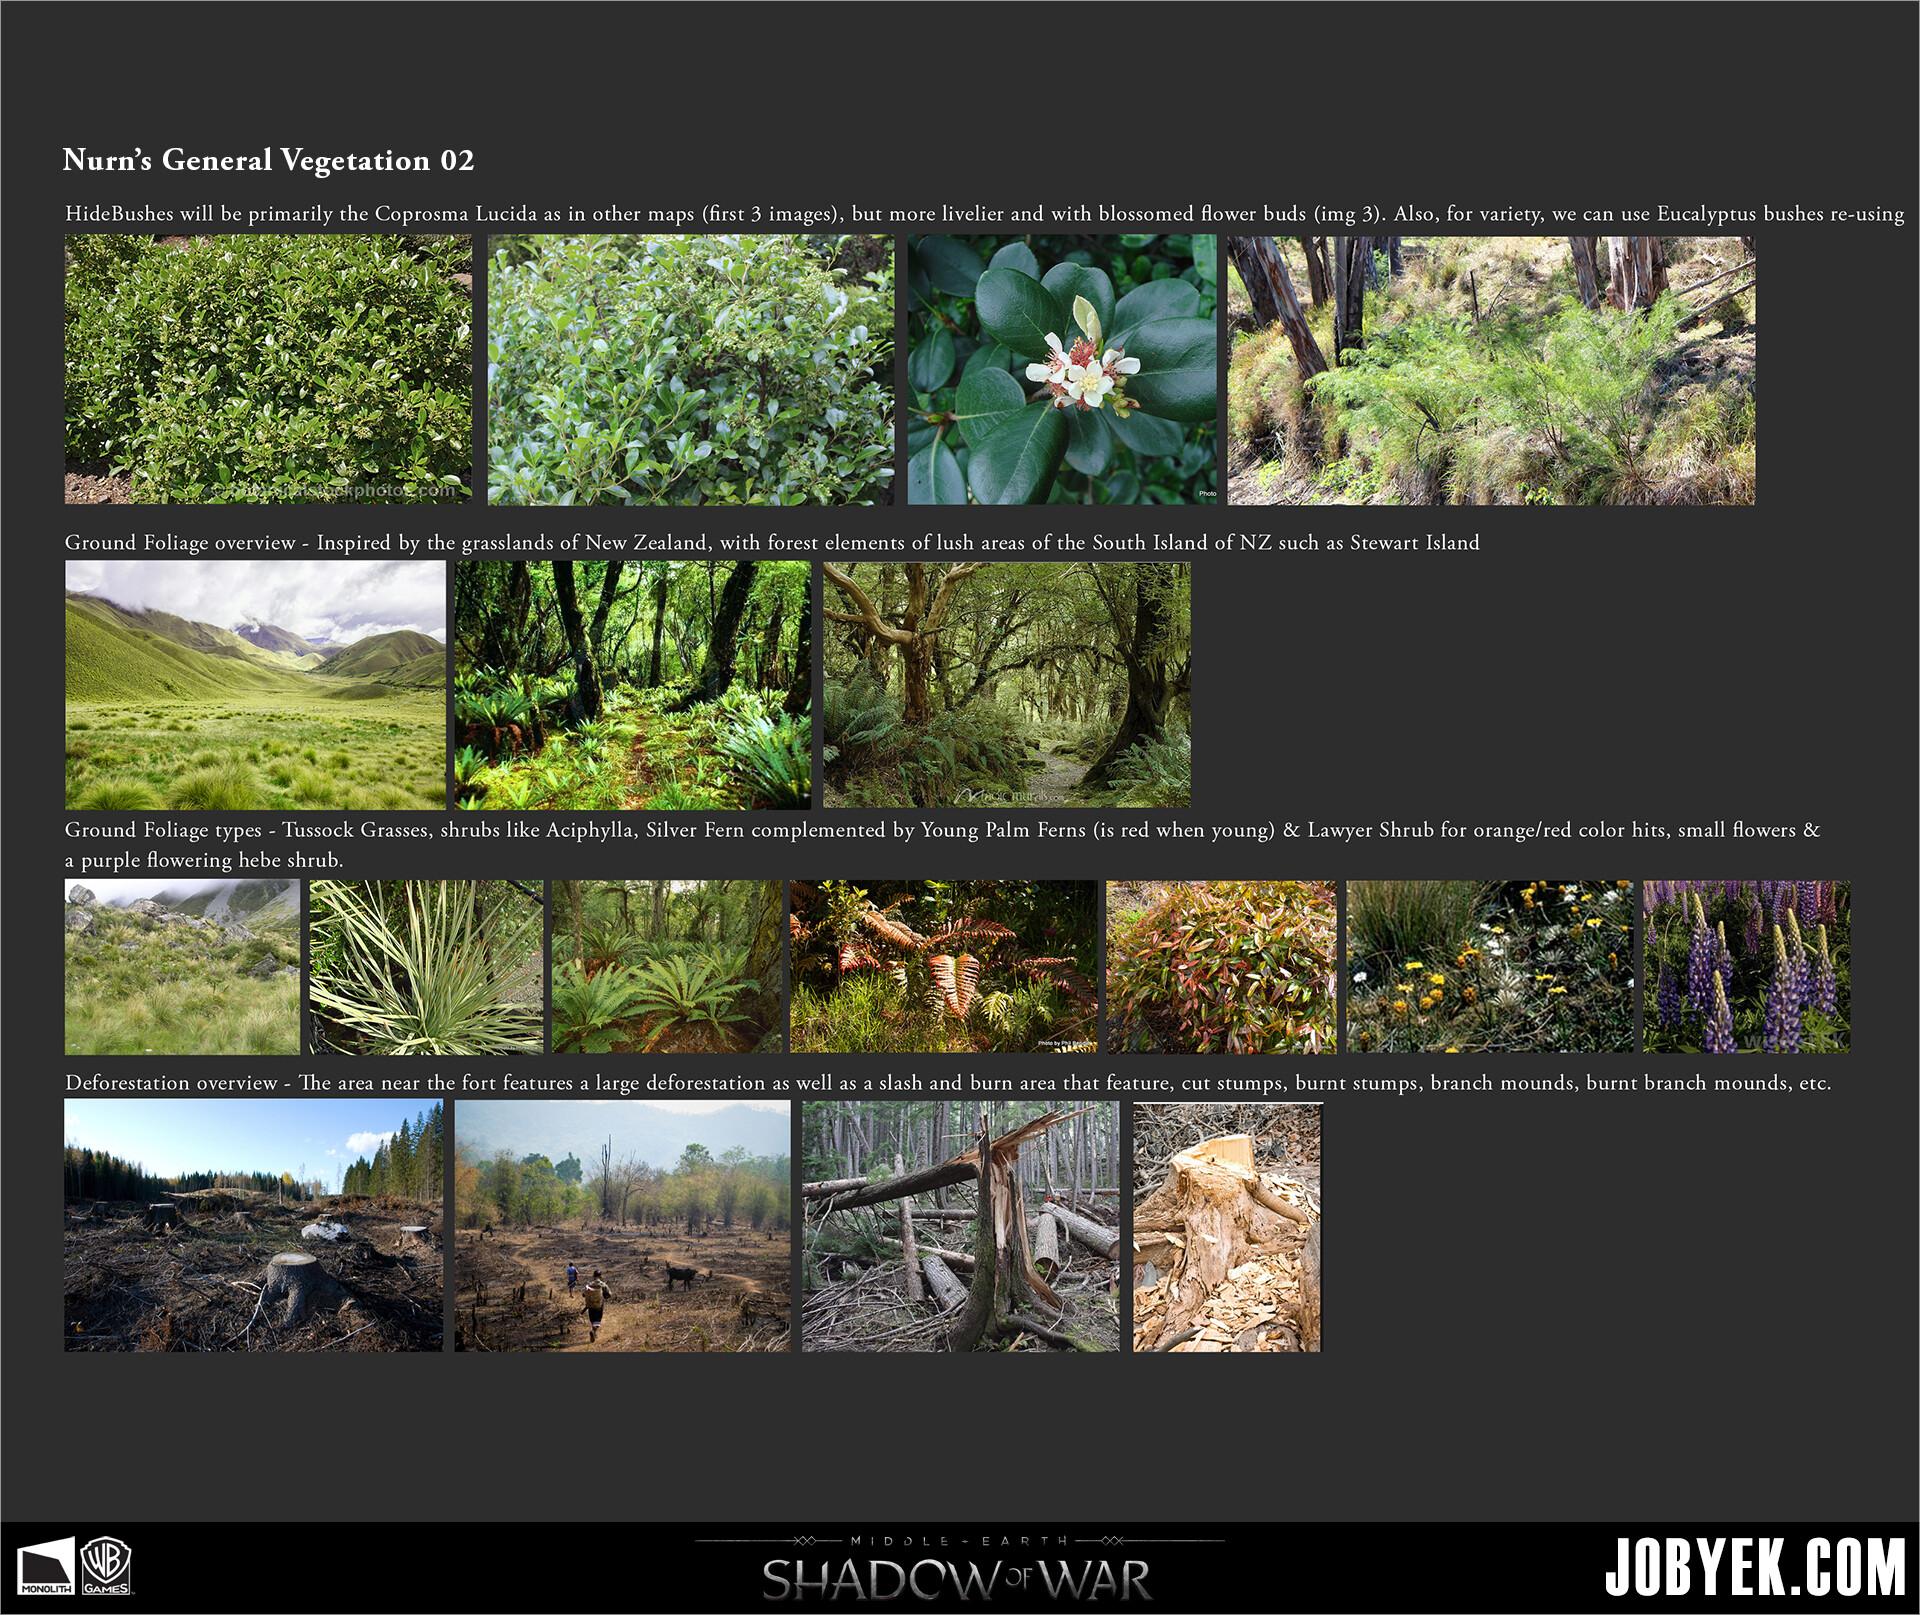 Stylesheet Part 2 for Nurnen's general Vegetation